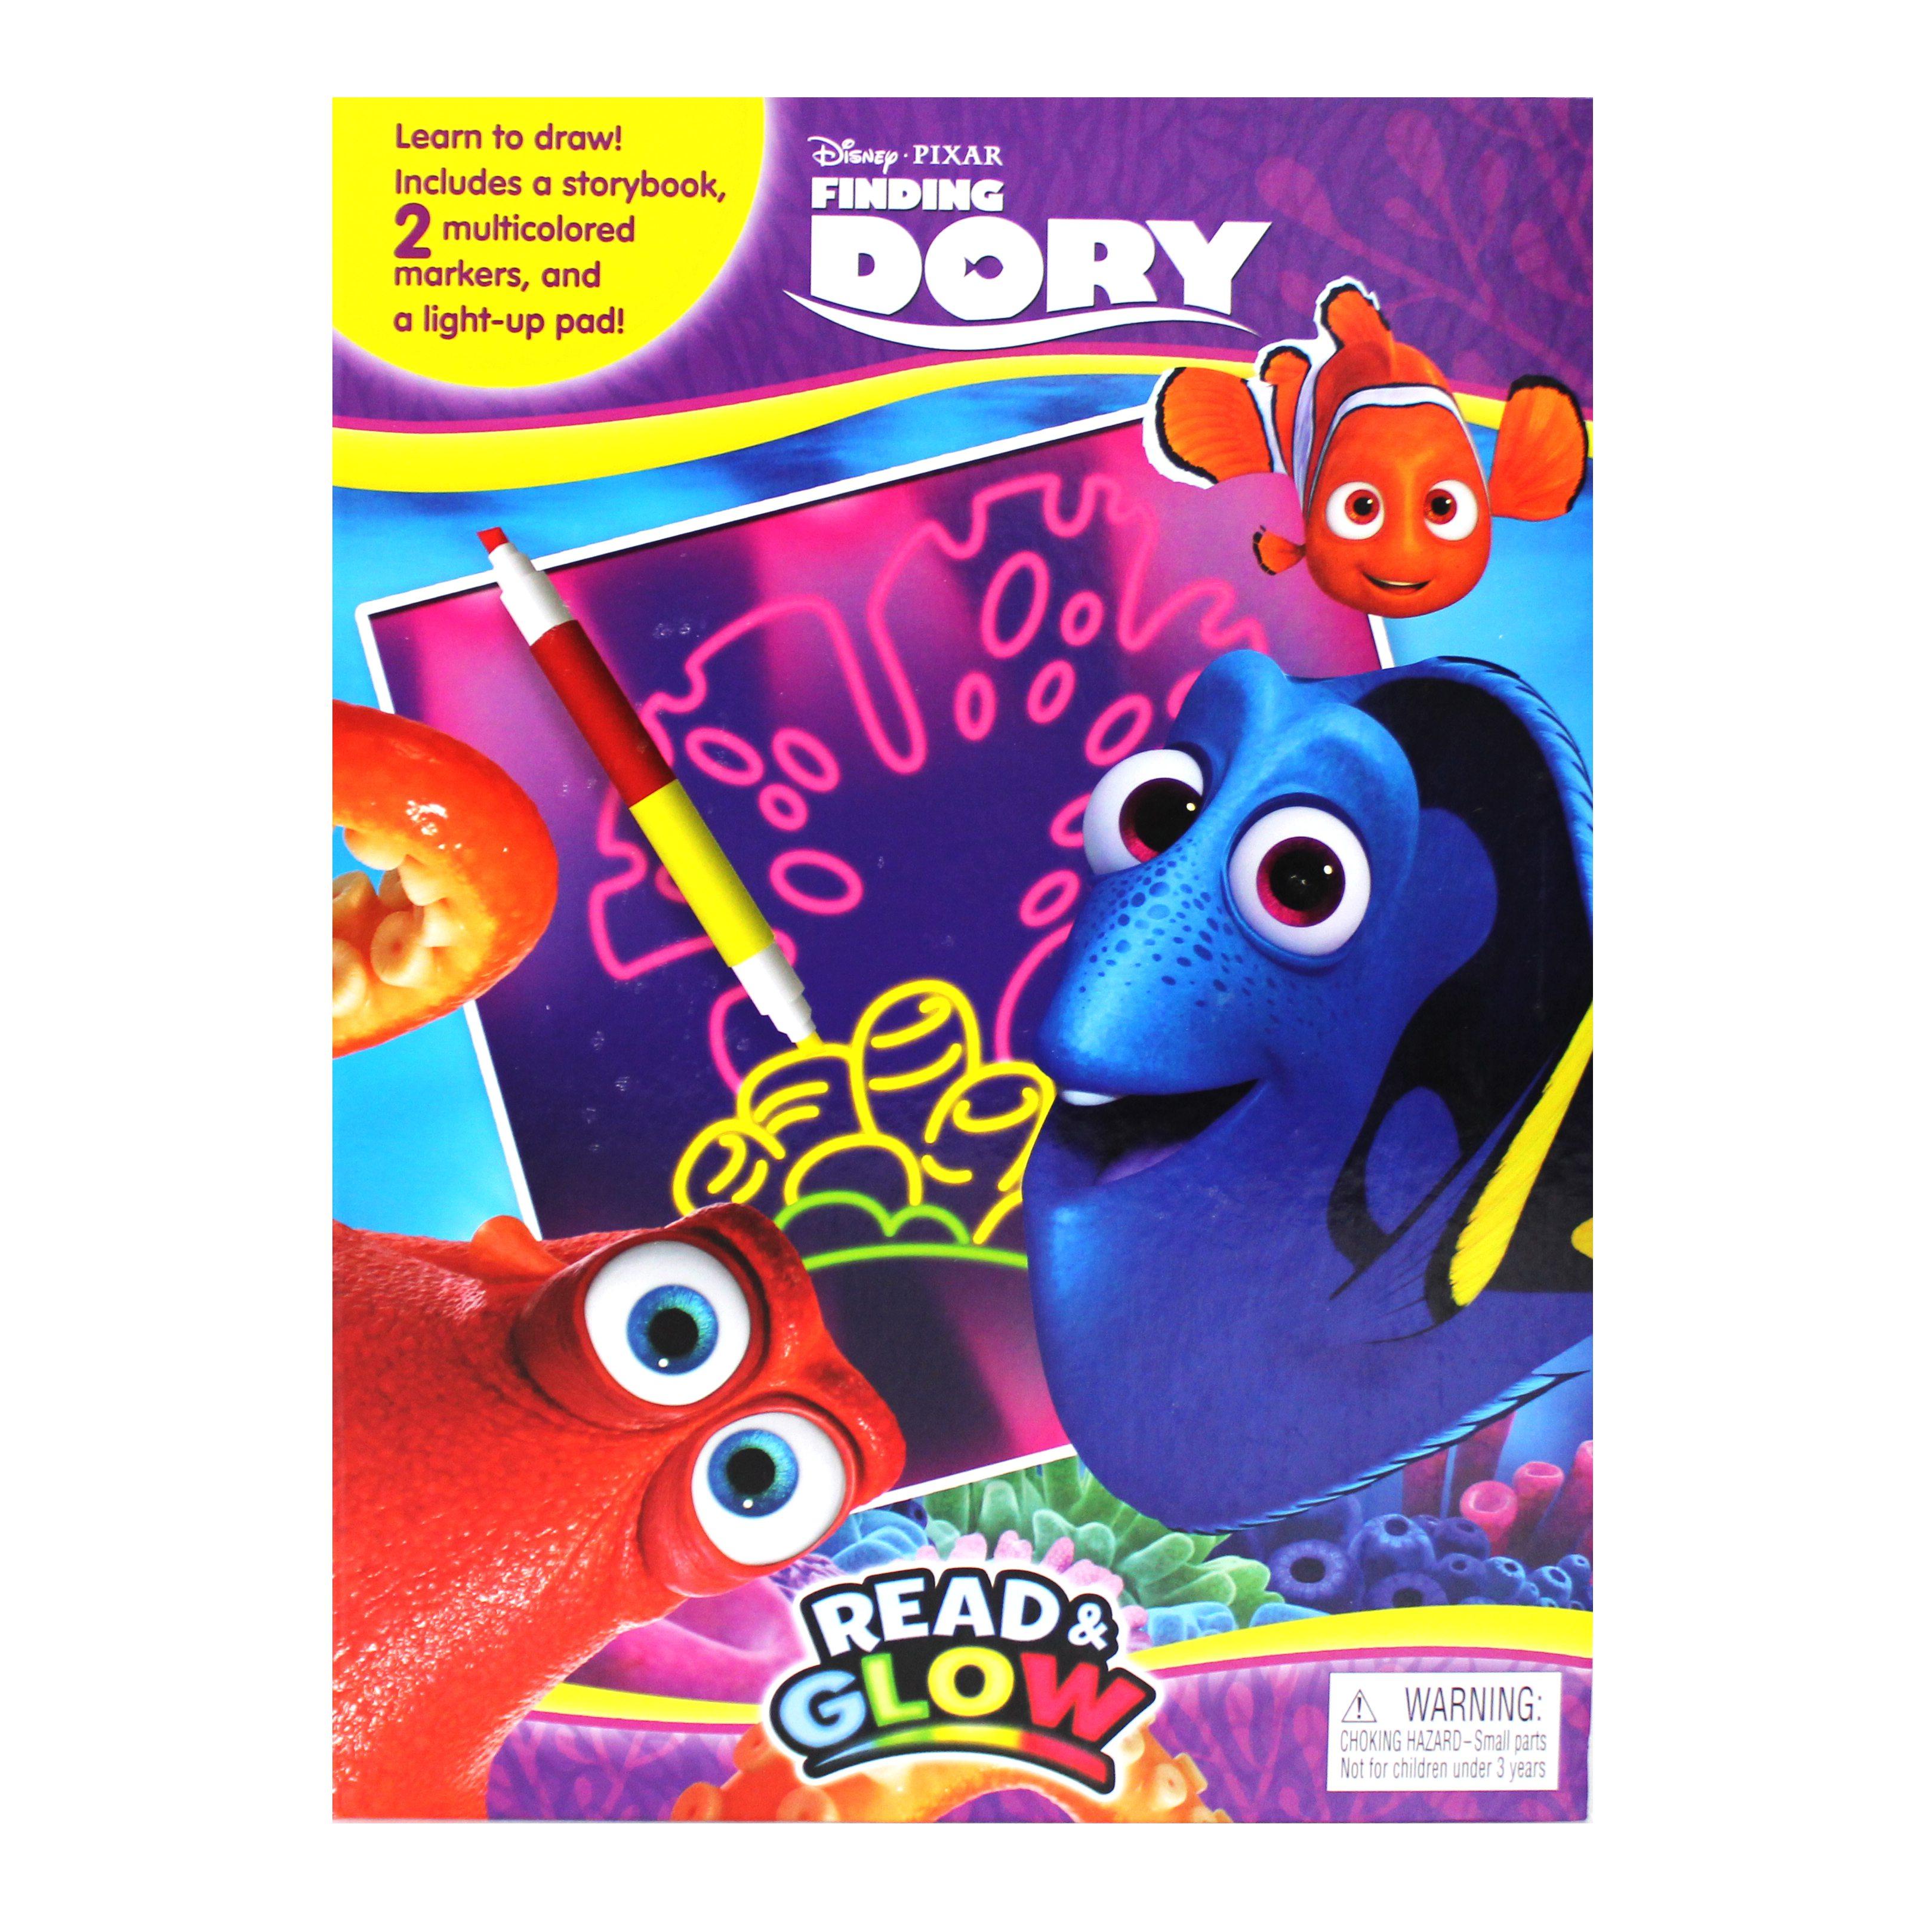 디즈니 도리를 찾아라 리드앤글로우 네온보드북, Phidal Publishing Inc